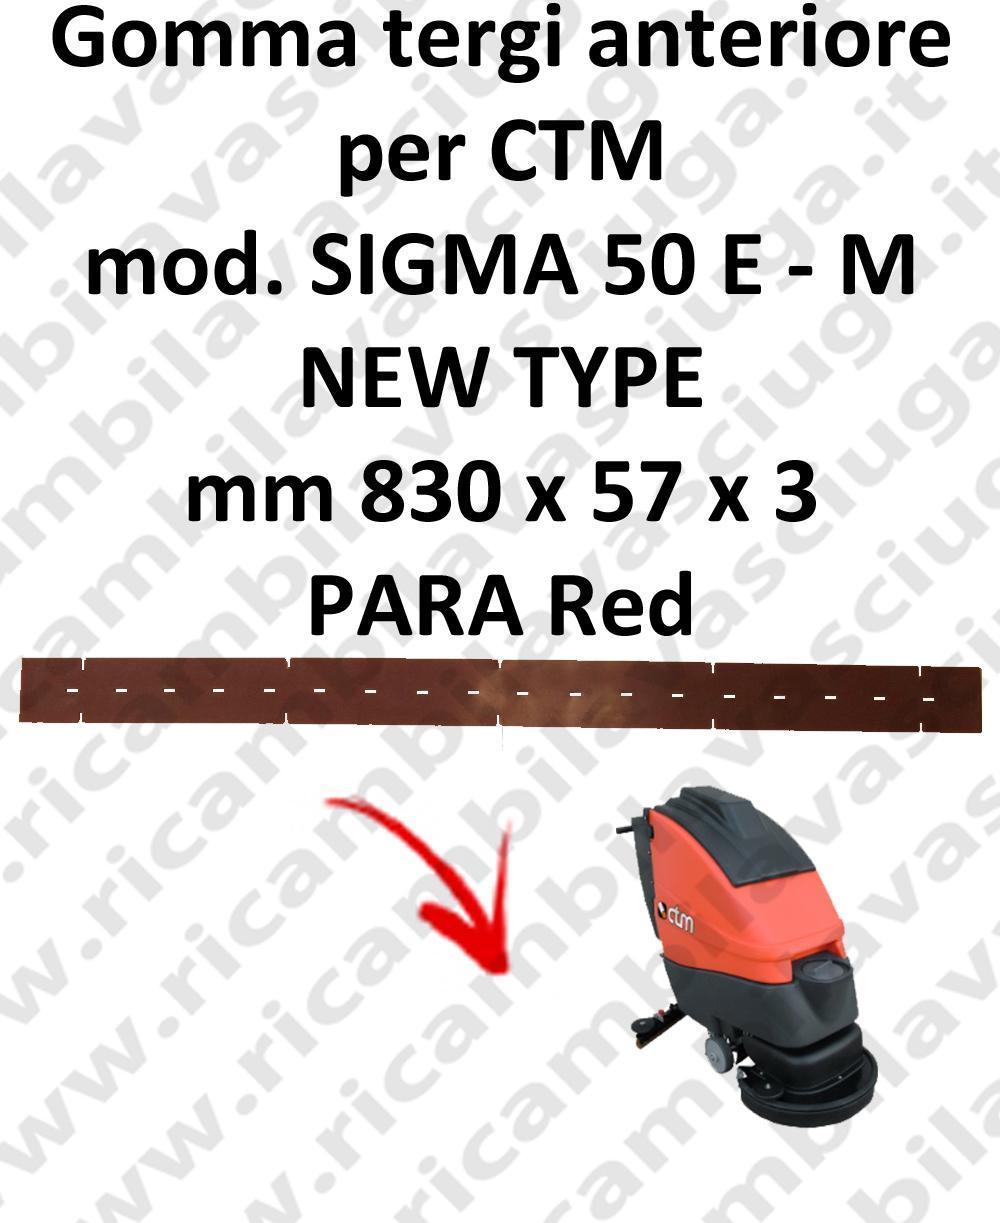 SIGMA 50 et - M new type BAVETTE autolaveuses AVANT pour CTM